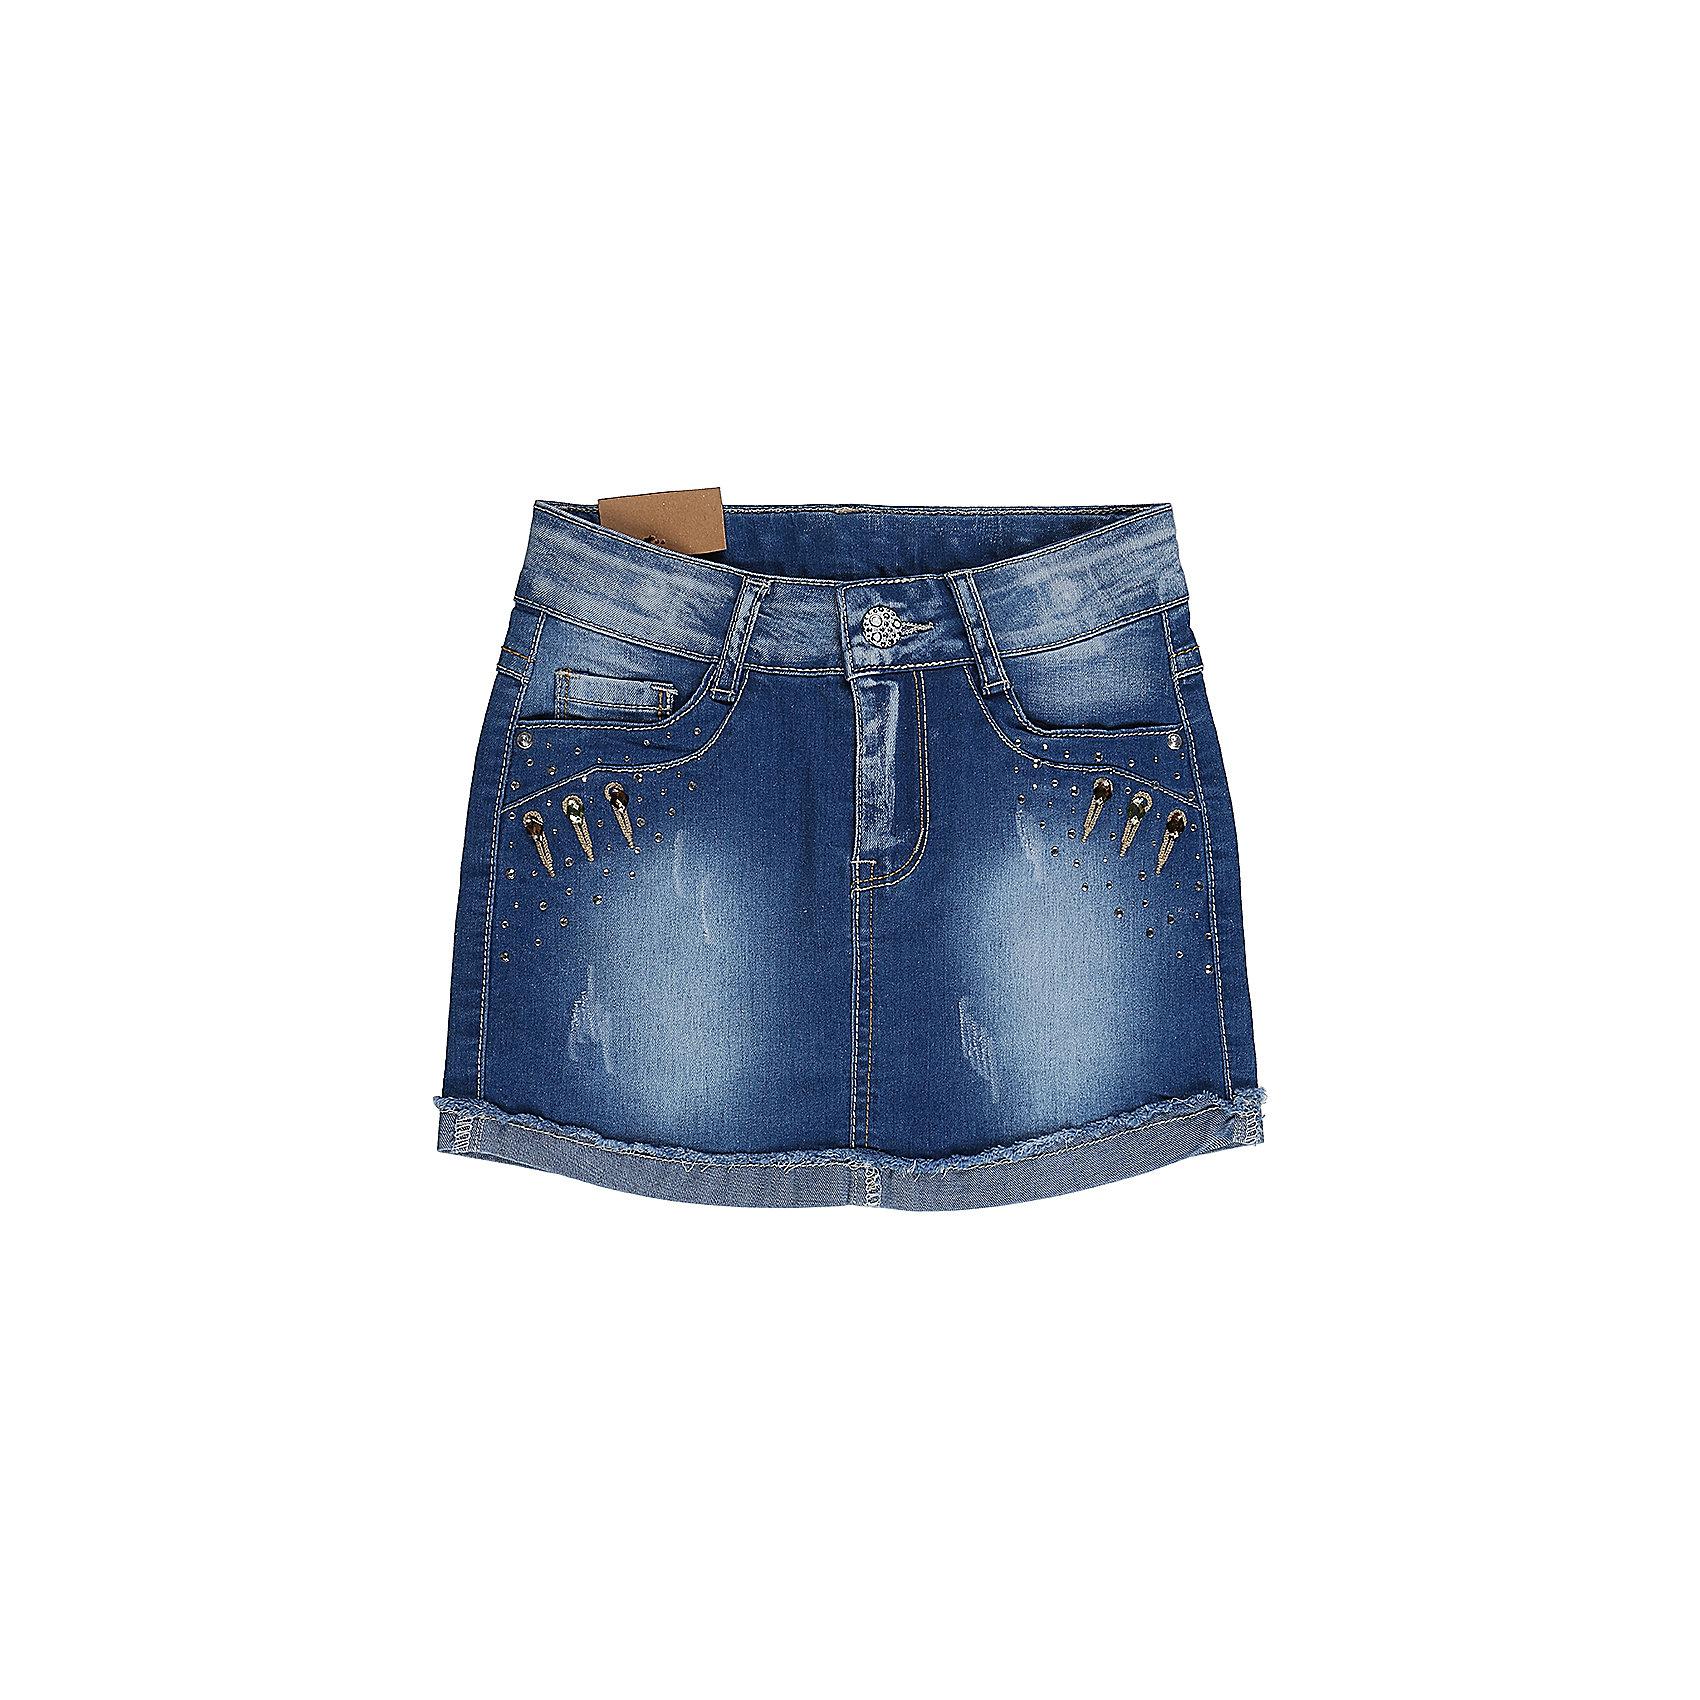 Юбка джинсовая для девочки Sweet BerryДжинсовая одежда<br>Джинсовая юбка для девочки. Карманы декорированы крупными стразами. Пояс с регулировкой внутренней резинкой.<br>Состав:<br>98%хлопок 2%эластан<br><br>Ширина мм: 207<br>Глубина мм: 10<br>Высота мм: 189<br>Вес г: 183<br>Цвет: синий<br>Возраст от месяцев: 36<br>Возраст до месяцев: 48<br>Пол: Женский<br>Возраст: Детский<br>Размер: 104,122,128,98,110,116<br>SKU: 5412457